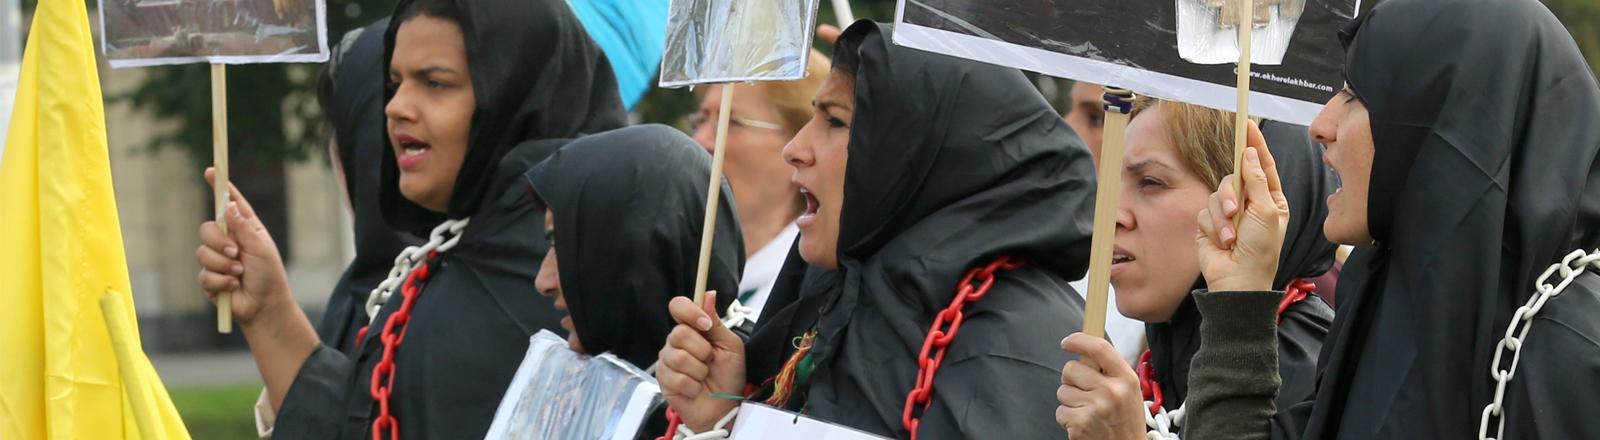 Kurdische und jesidische Frauen protestieren in Düsseldorf gegen die Angriffe des IS.